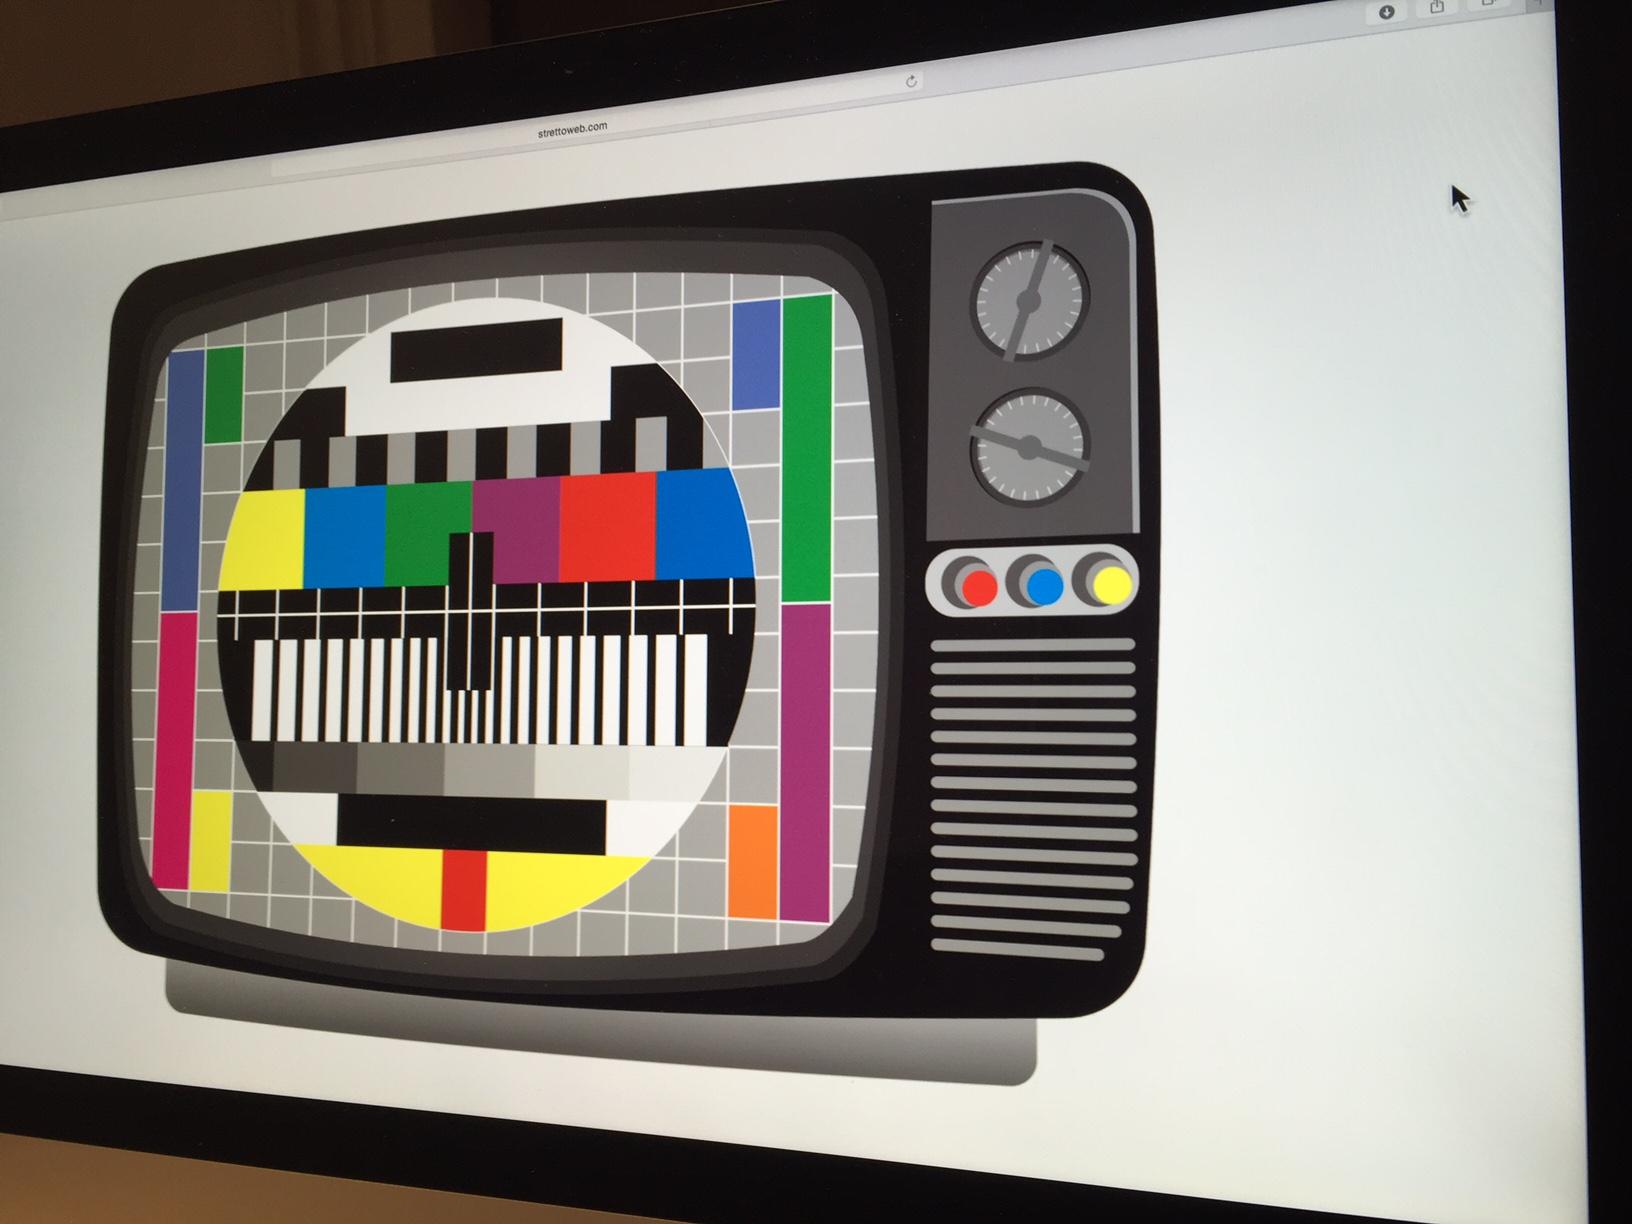 Mentre La Tecnologia Galoppa E La Vecchia Tv è Ormai Prossima A Finire In  Soffitta, Il Nostro Governo, Per Far Finta Di Ridurre Le Tasse, Ha Ben  Pensato Di ...